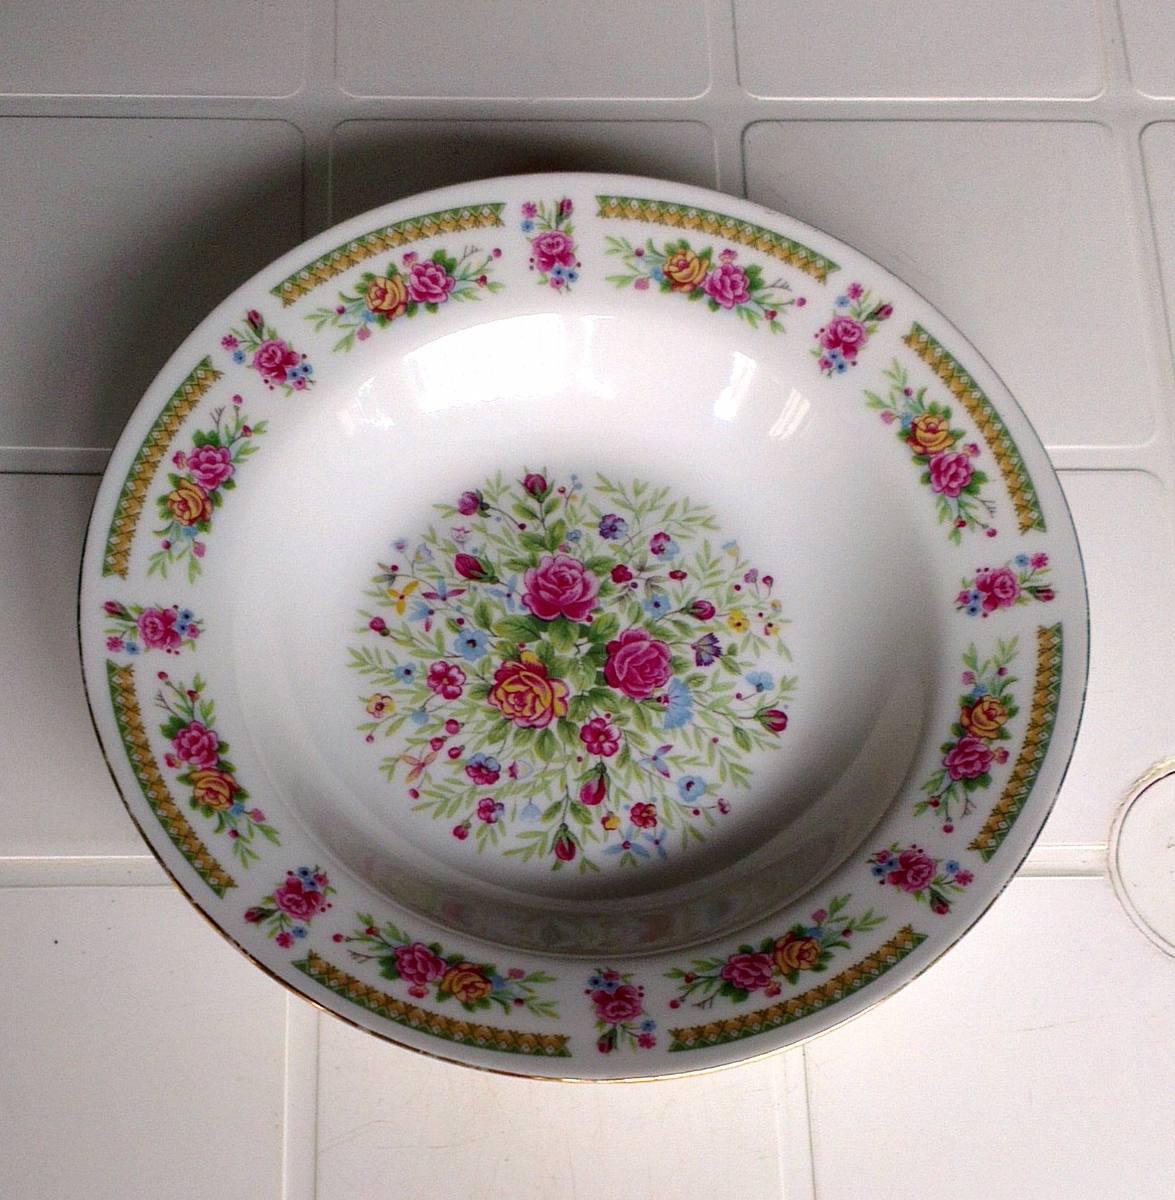 Vajilla de ceramica decorada 4 puestos 19 piezas bs 35 for Vajilla ceramica